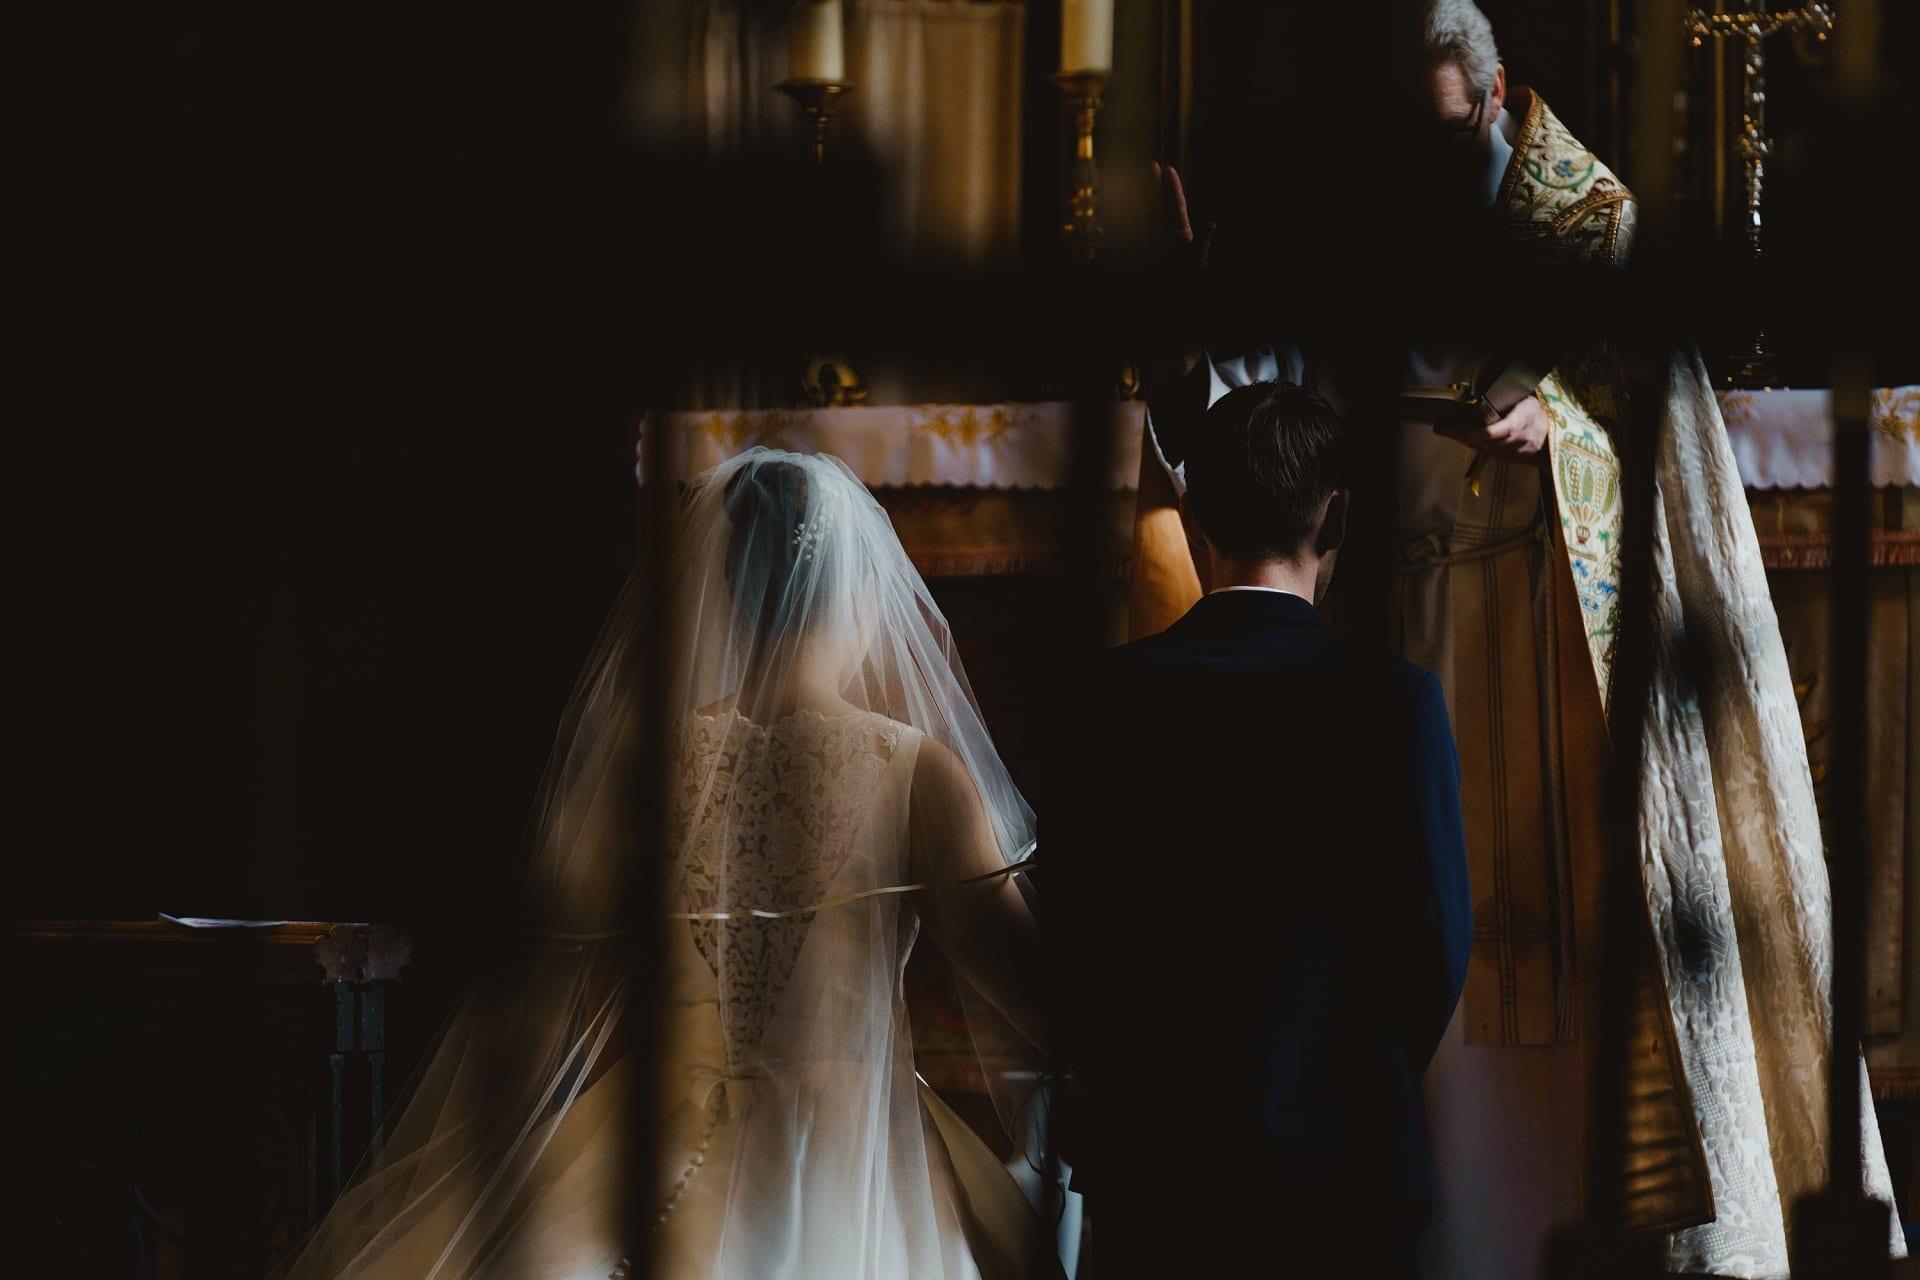 Couple take their wedding vows